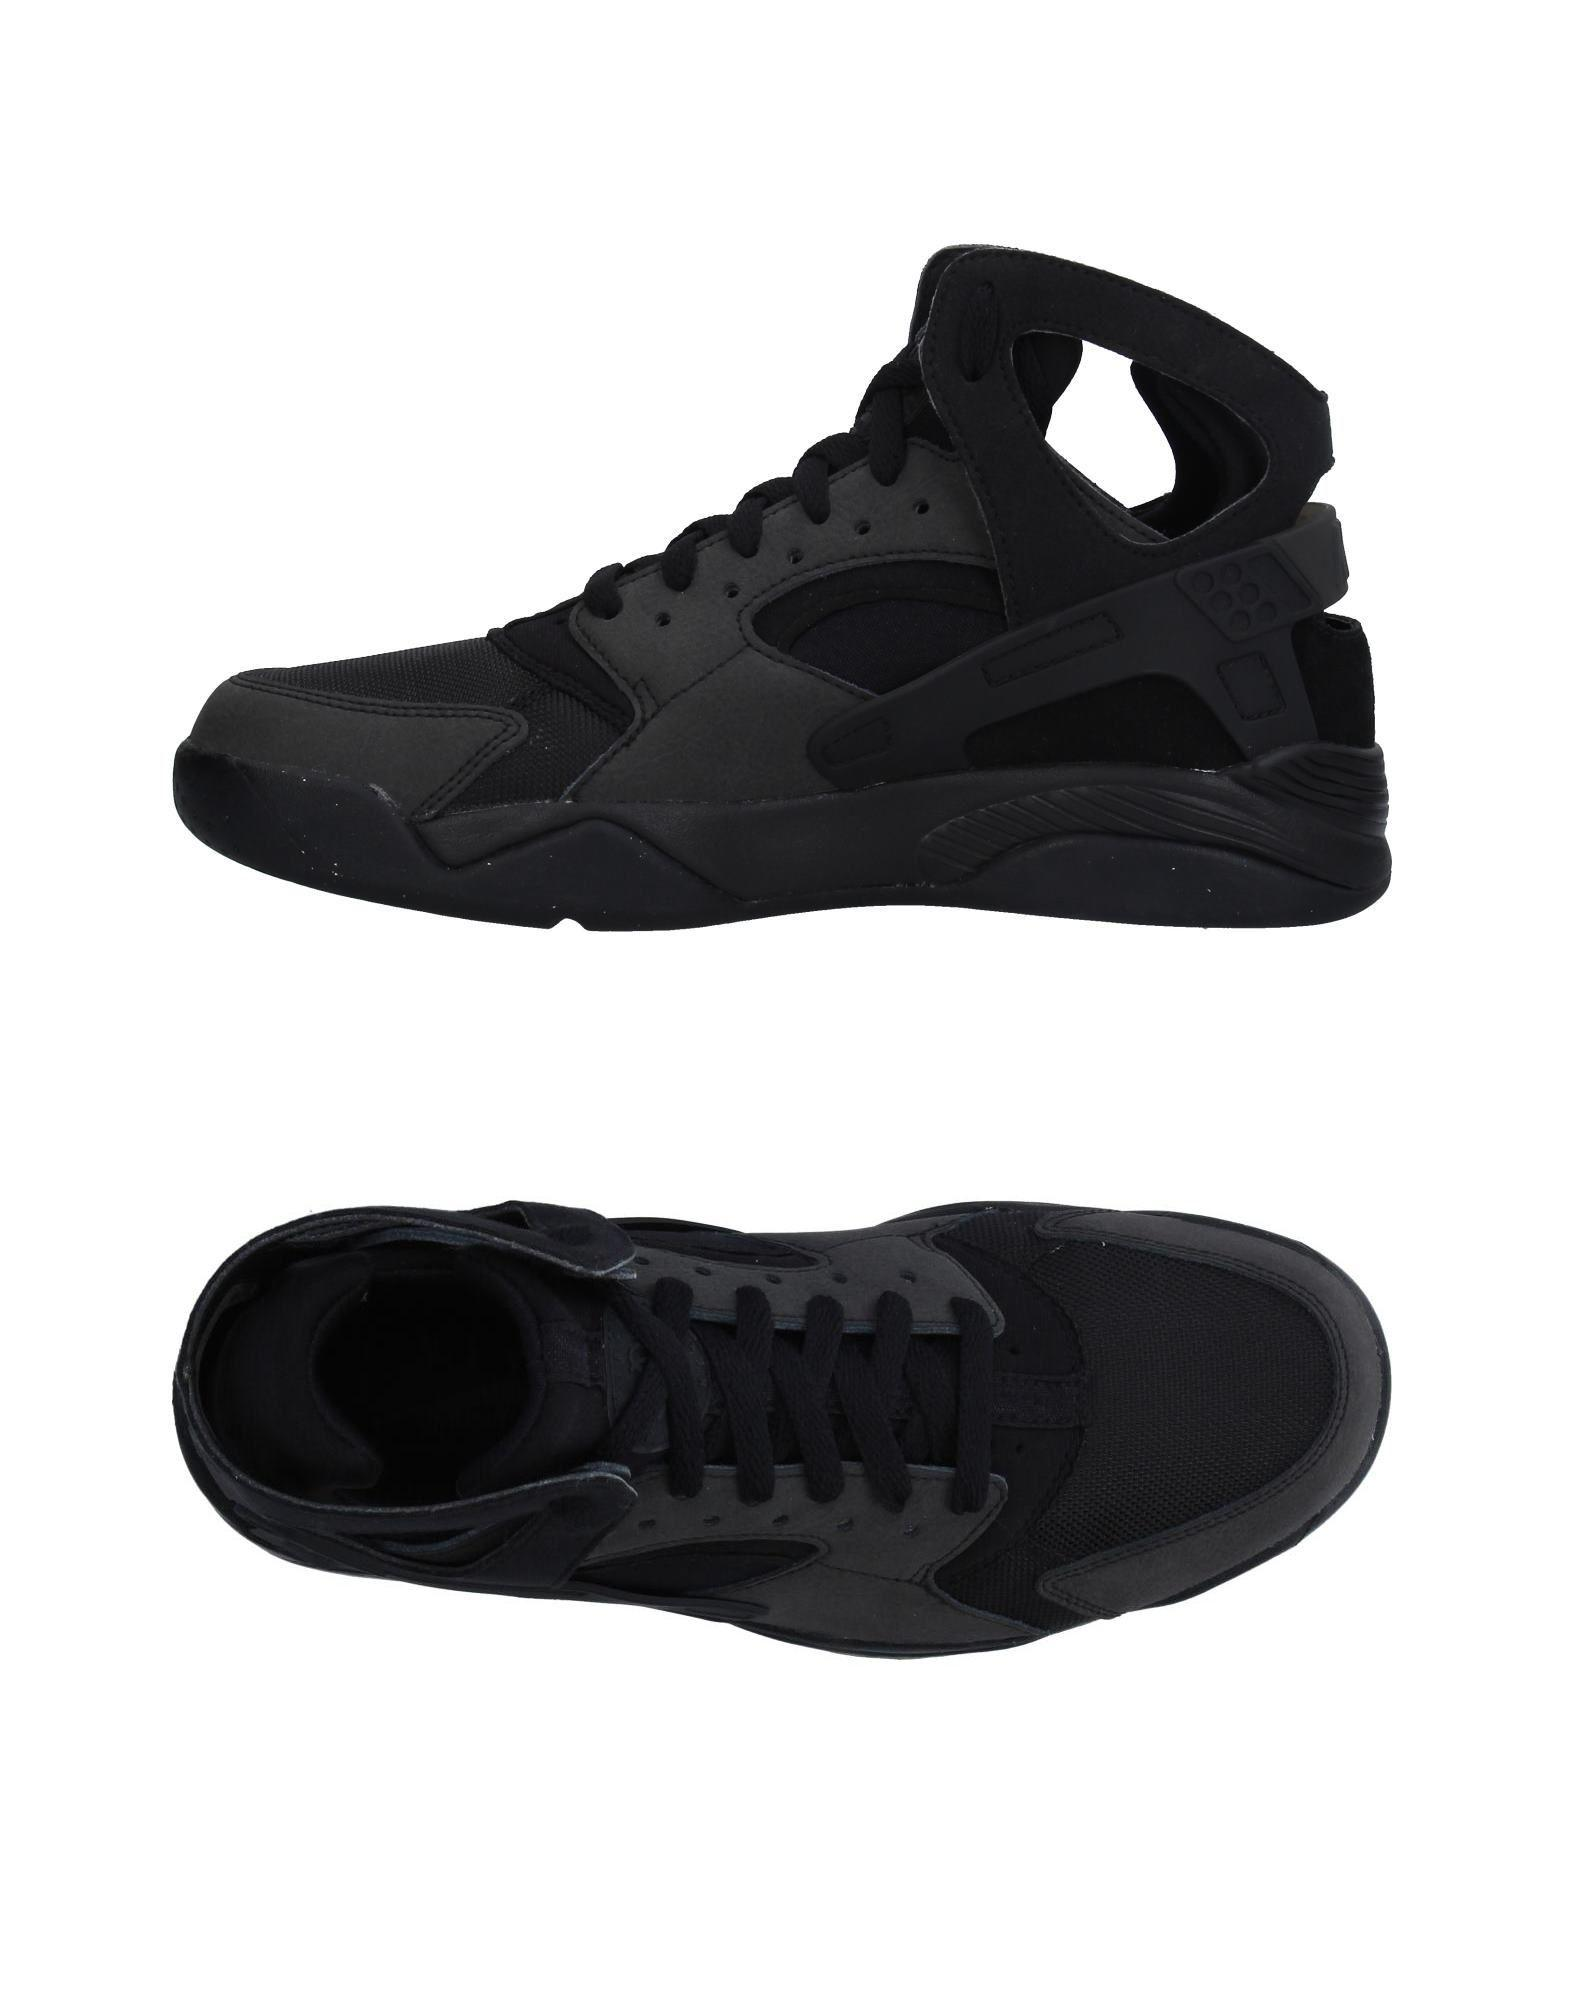 Lyst - Nike High-tops & Sneakers in Black for Men